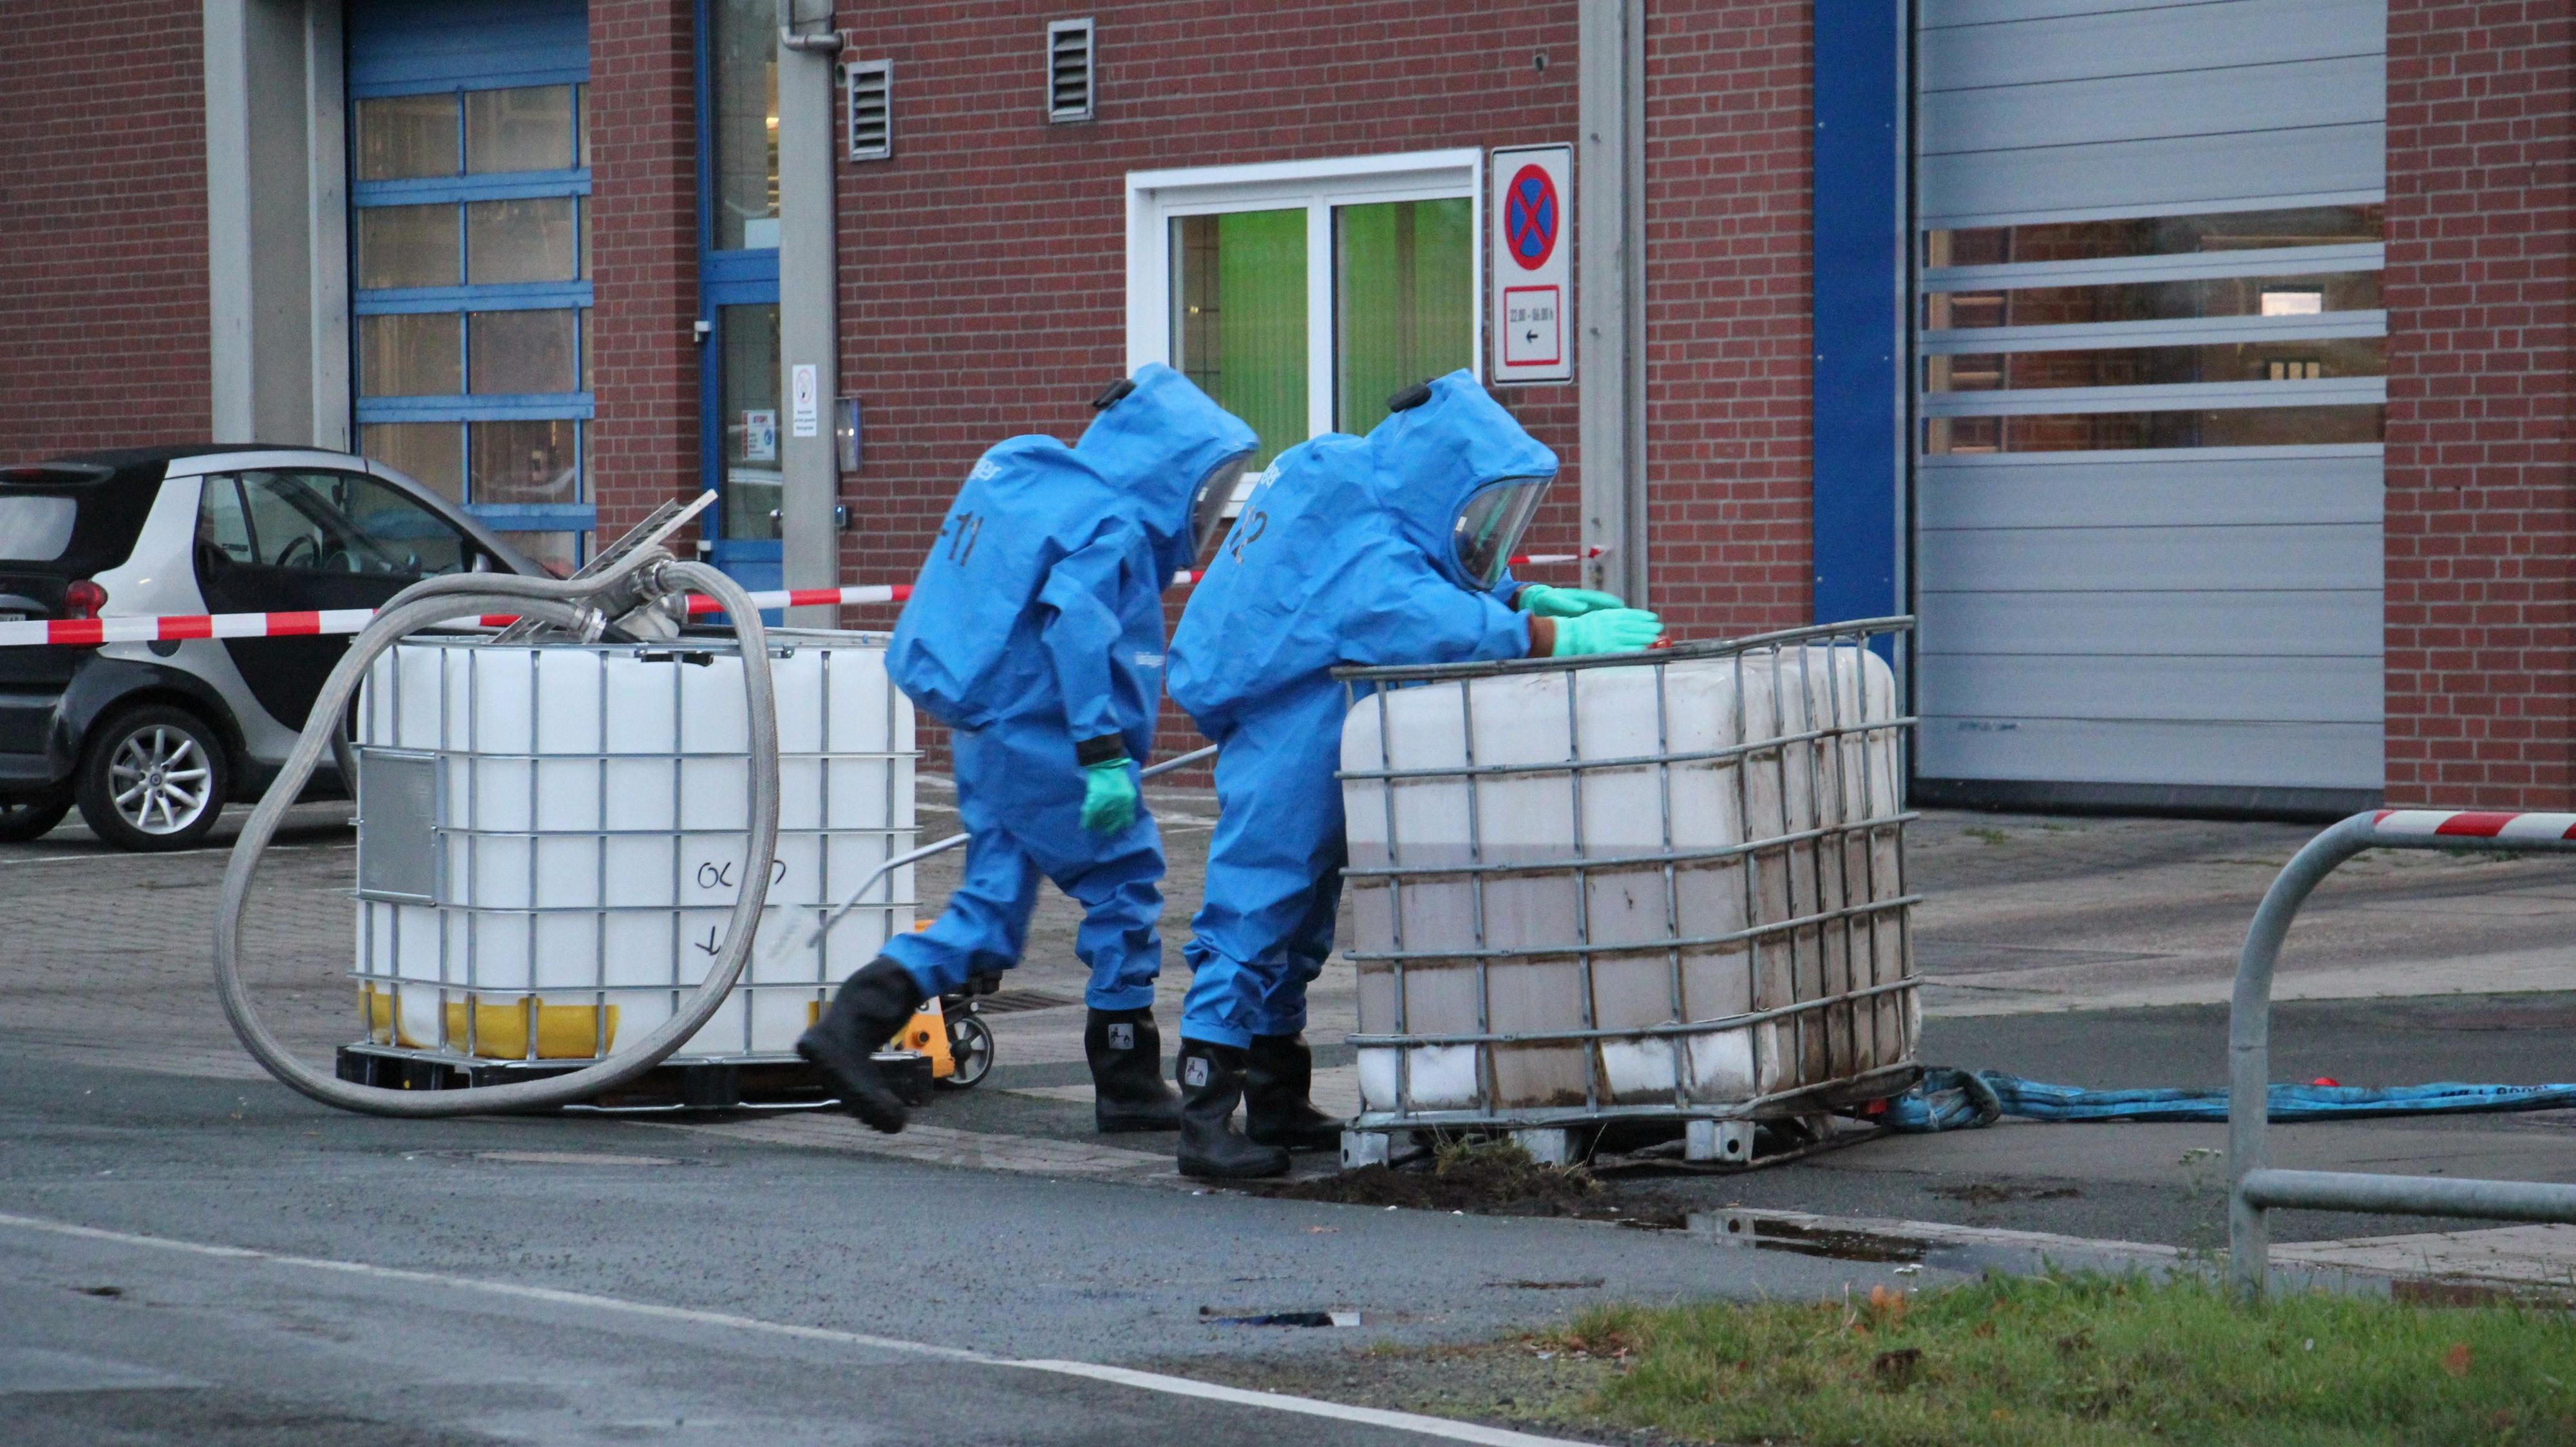 Einsatz mit Schutzanzügen: Zwei Feuerwehrkräfte pumpen die Flüssigkeit aus dem beschädigten Behälter in einen Ersatztank um. Foto: Speckmann